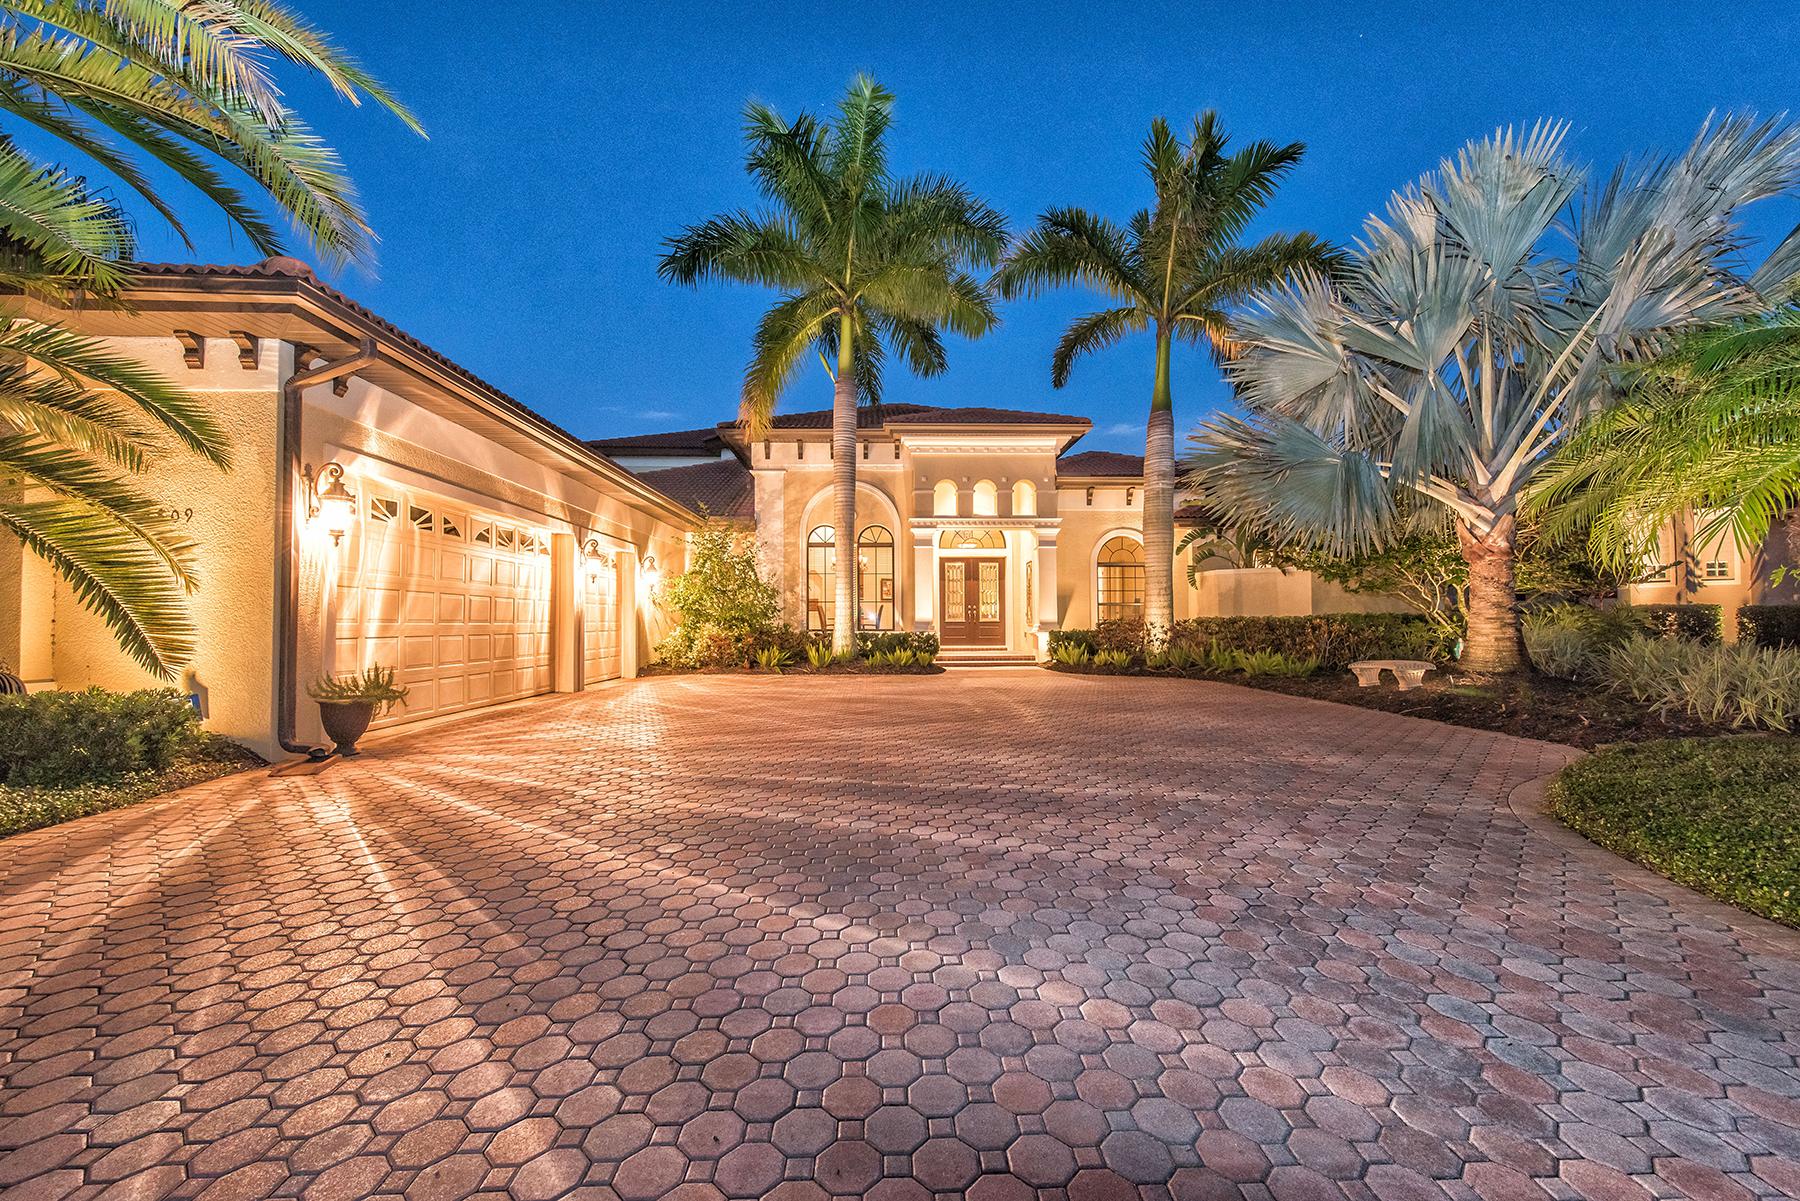 Tek Ailelik Ev için Satış at LAKEWOOD RANCH 6809 Belmont Ct Lakewood Ranch, Florida, 34202 Amerika Birleşik Devletleri